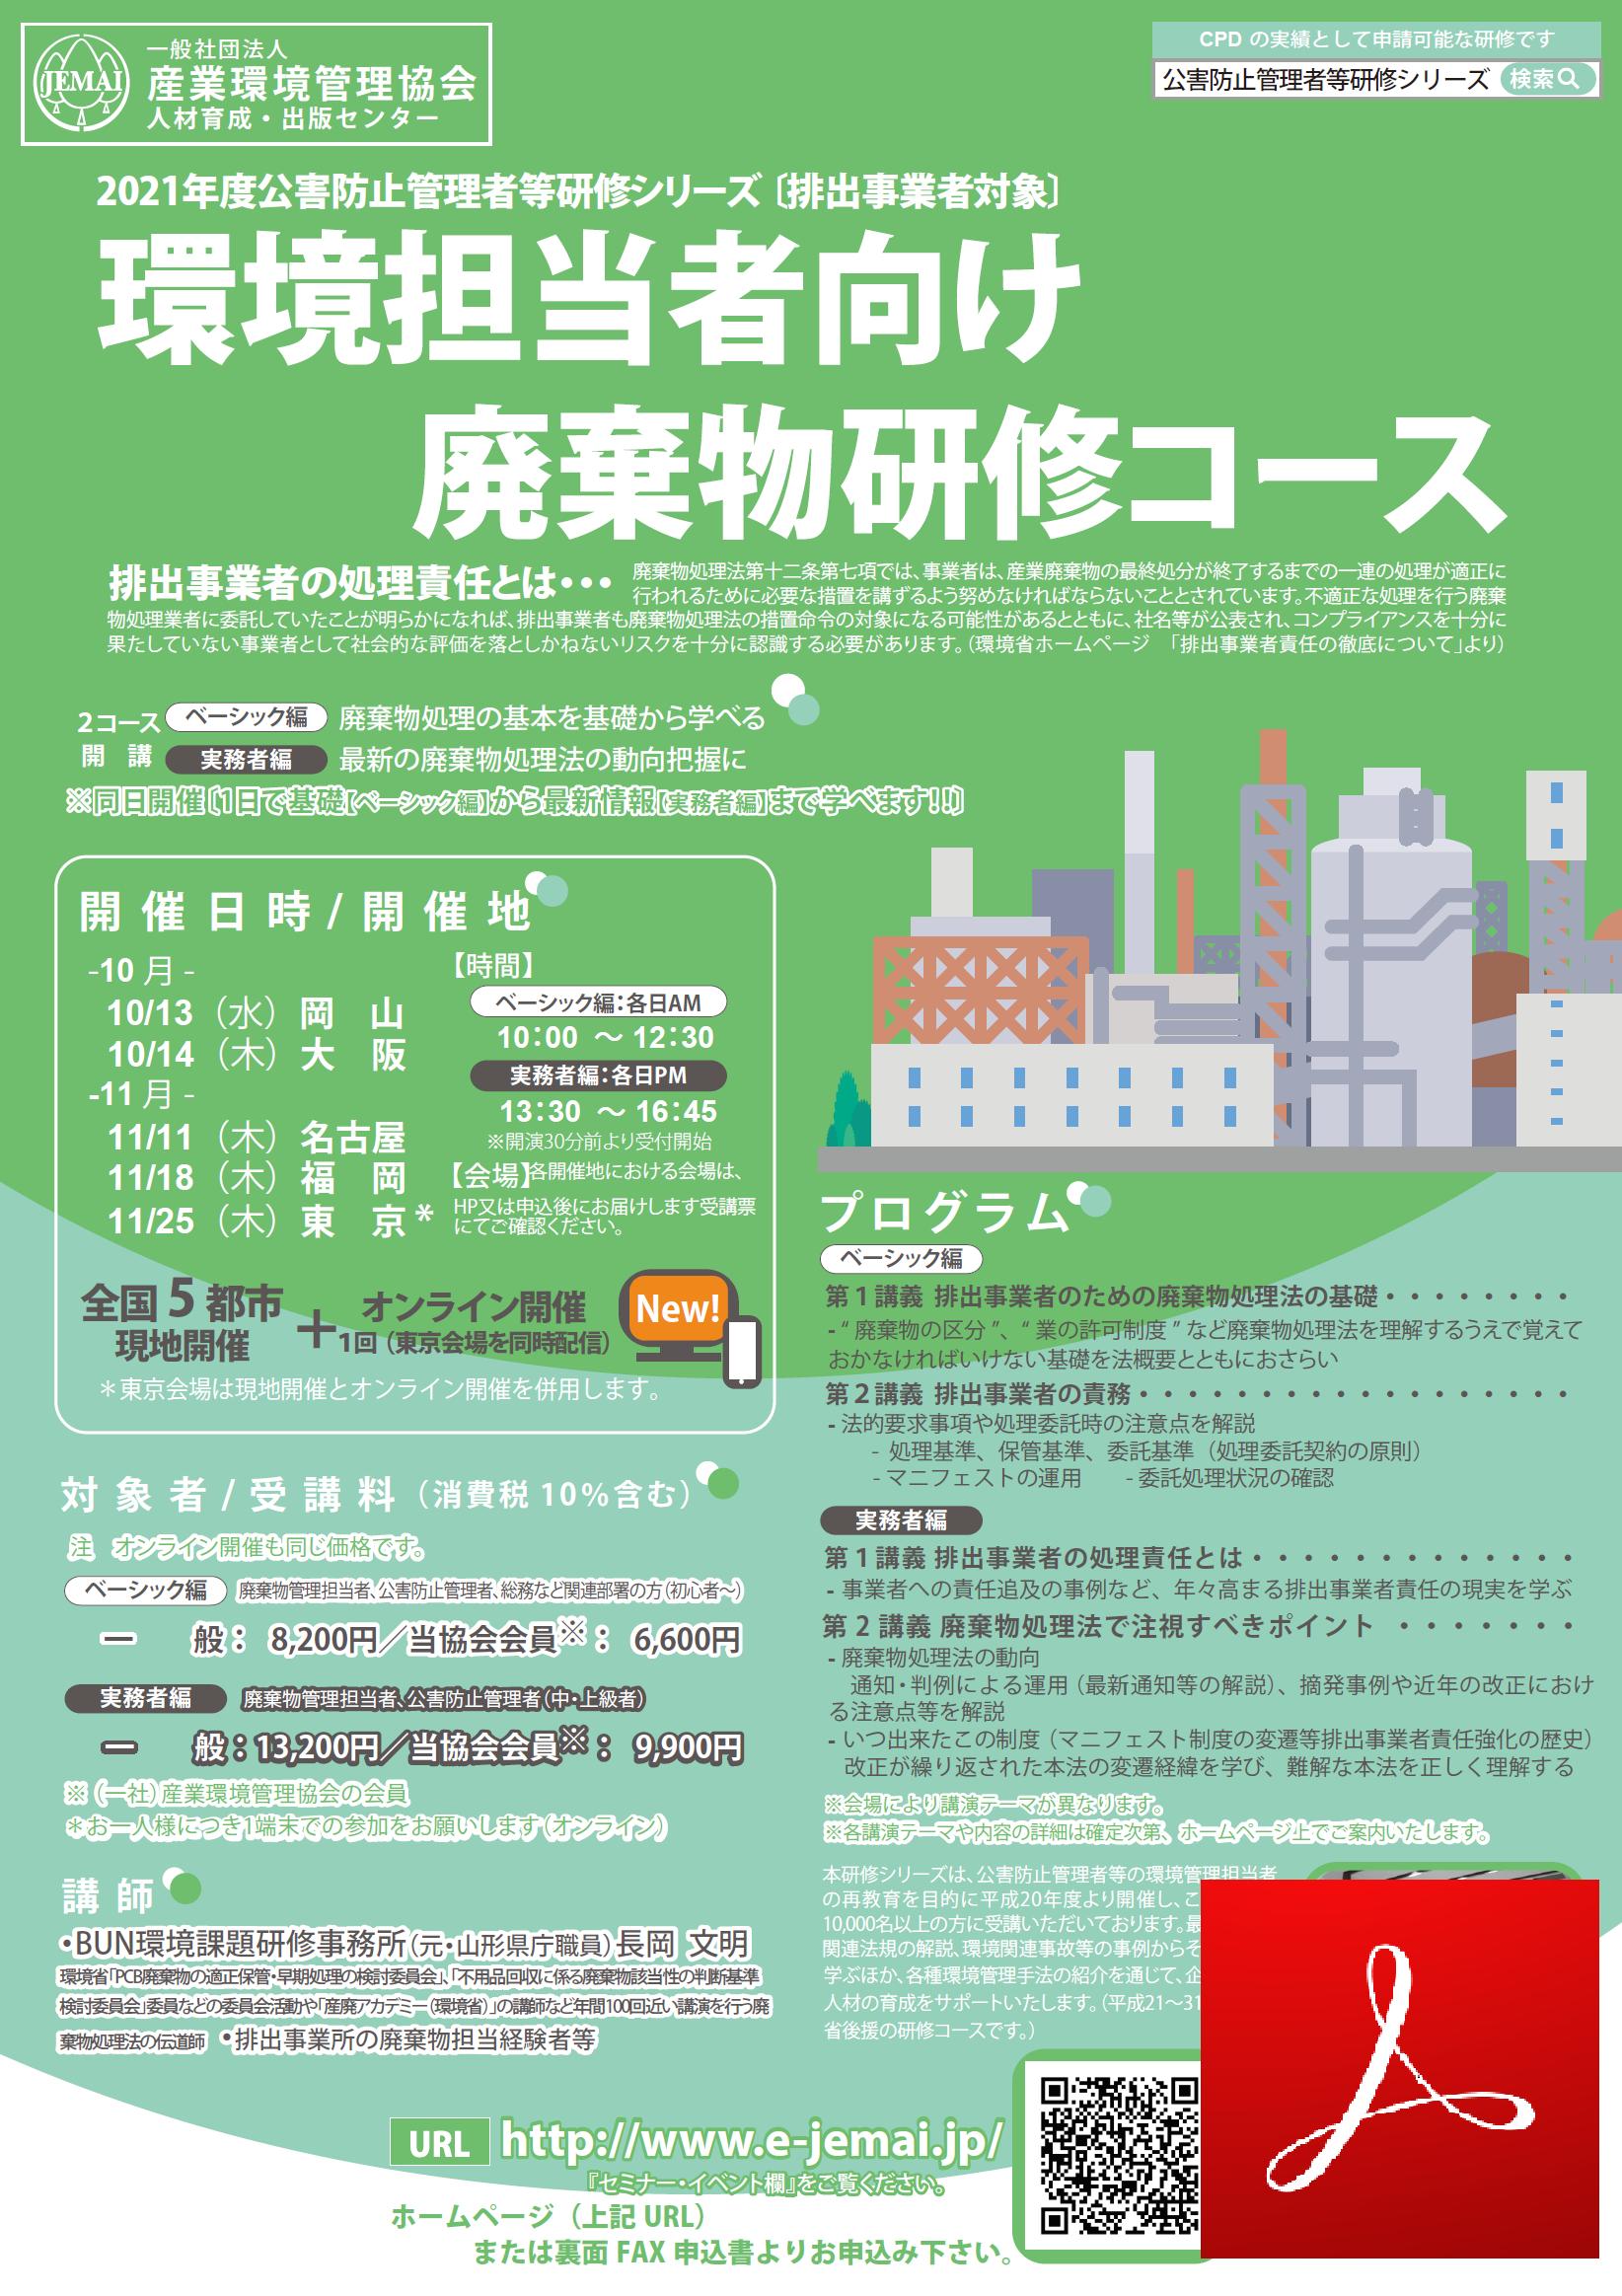 haiki2021_pamphlet_img.png